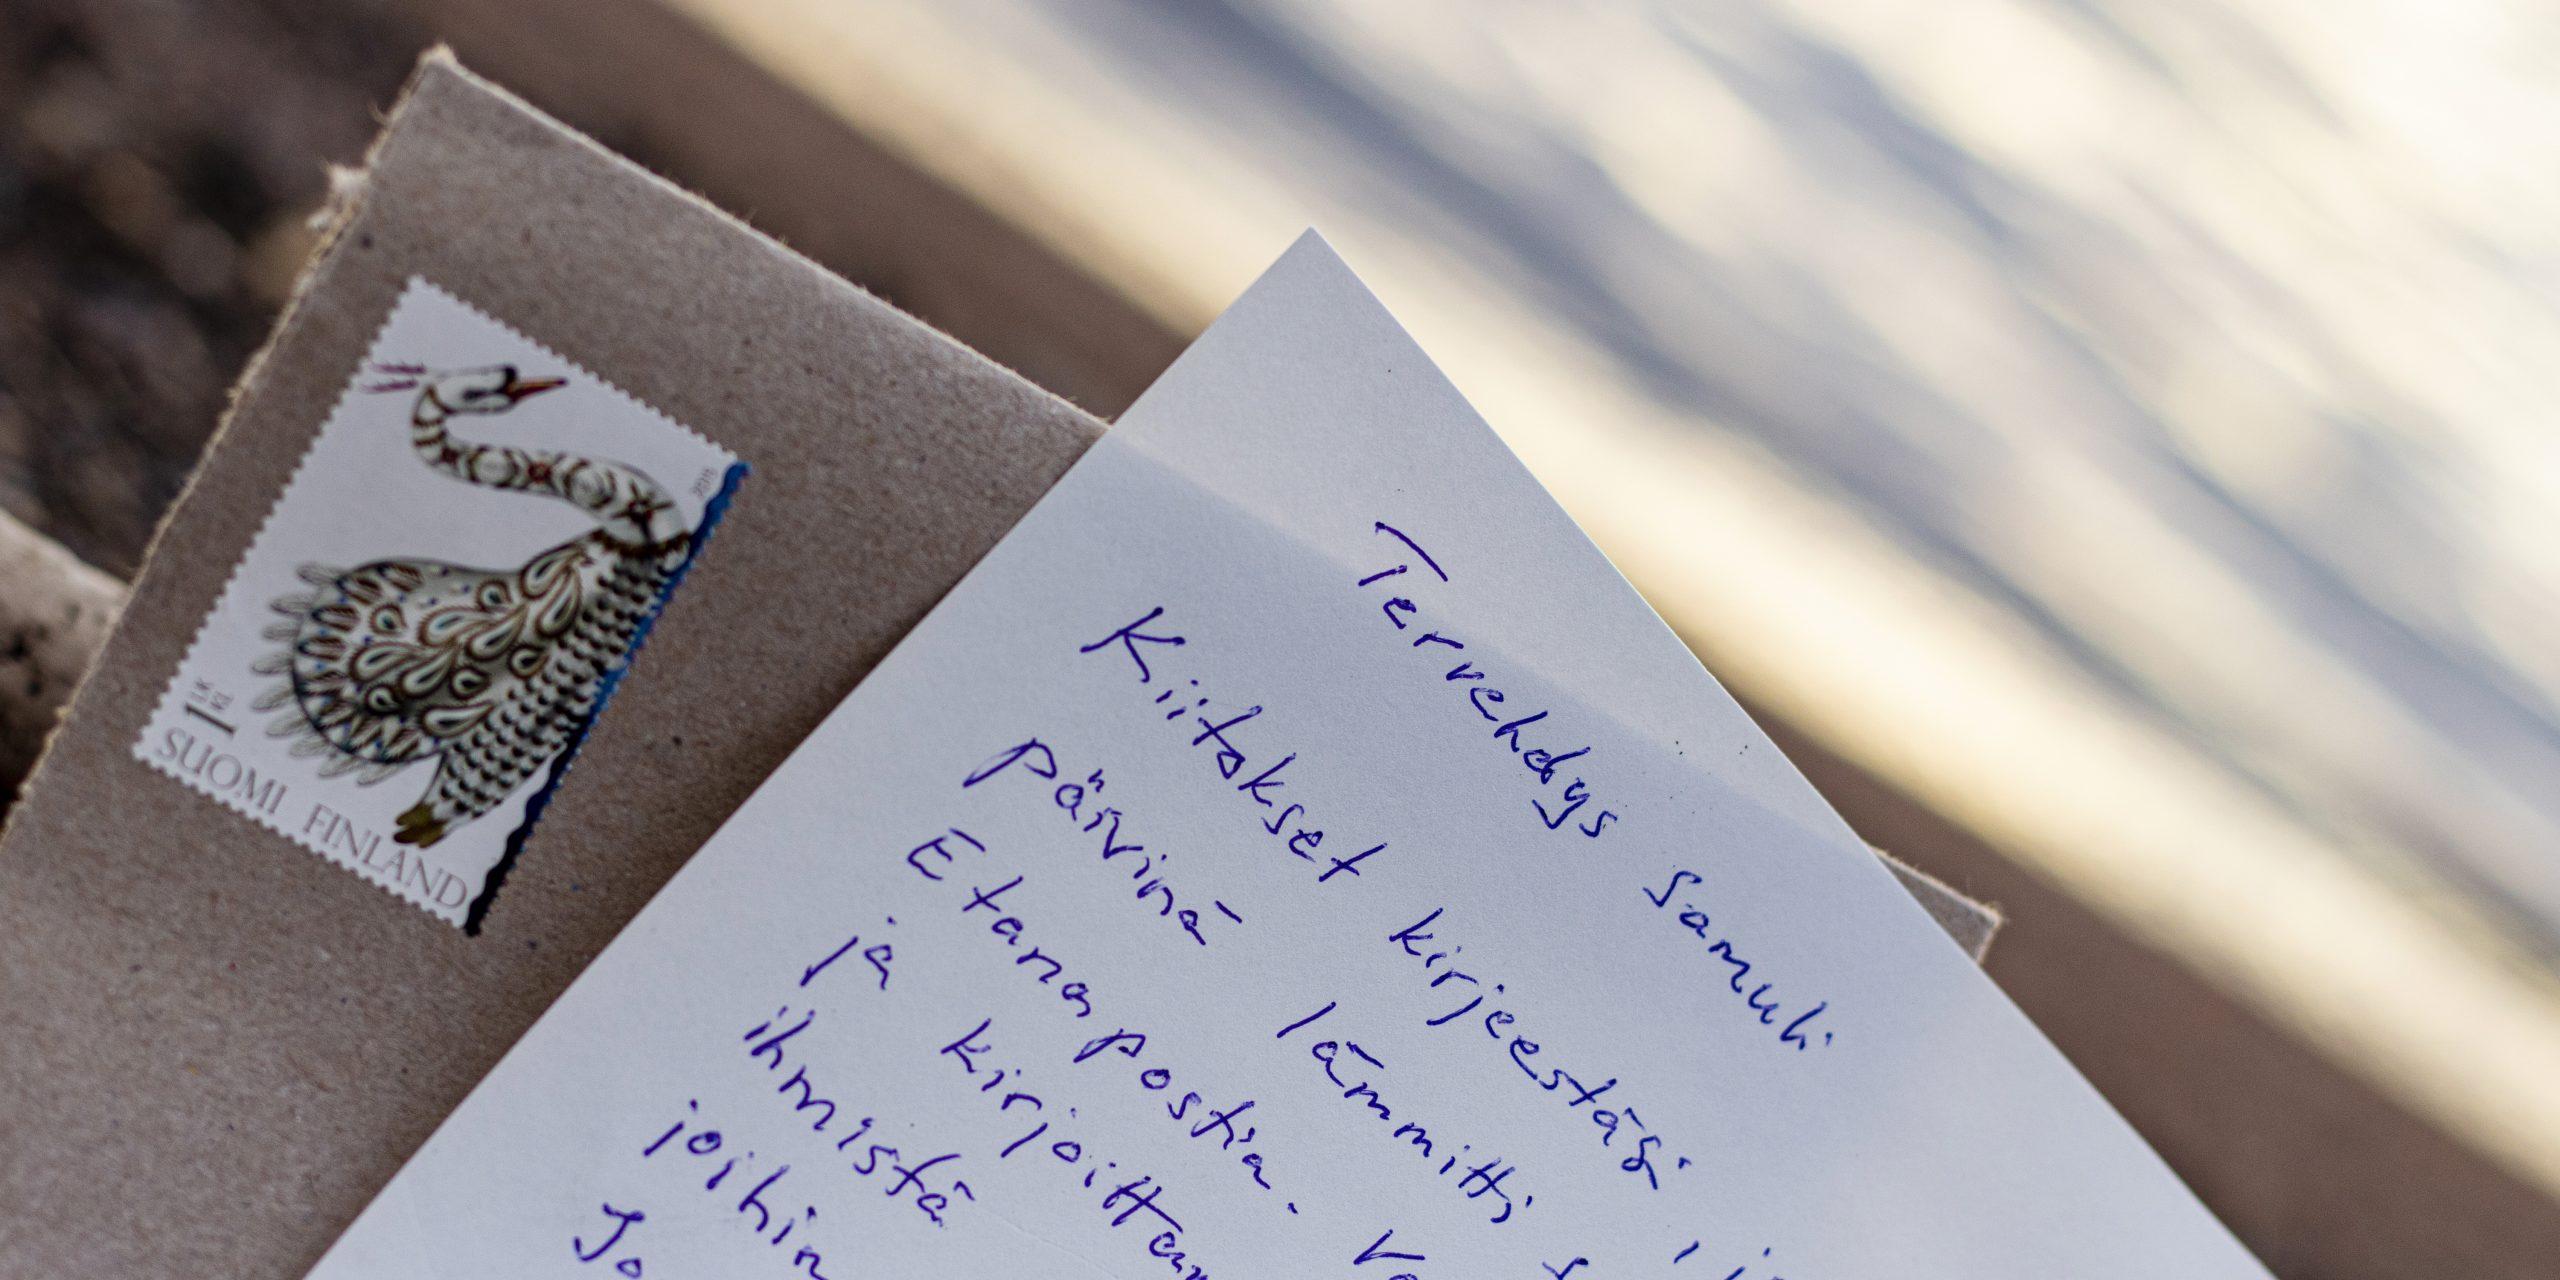 20200410 Kirjeitä kulkutaudin ajalta JK Ihalainen 11 PÄÄKUVA web scaled 1